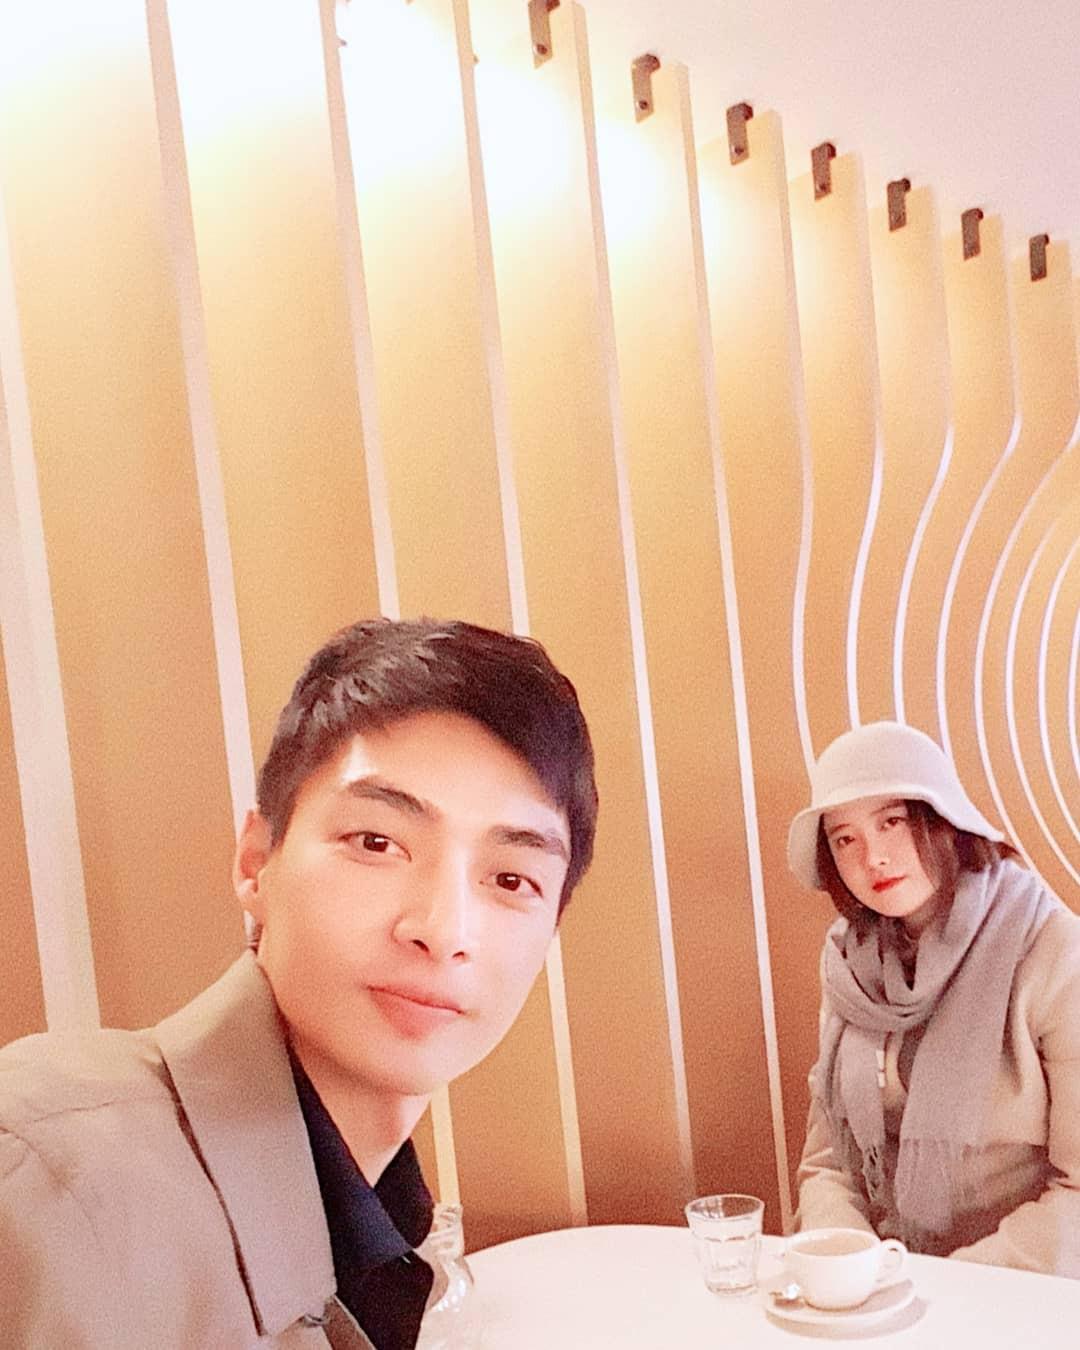 Hình ảnh gây bão hôm nay: Tài tử Vườn sao băng và Goo Hye Sun tái hợp sau 10 năm, loạt diễn viên vào bình luận - Ảnh 2.